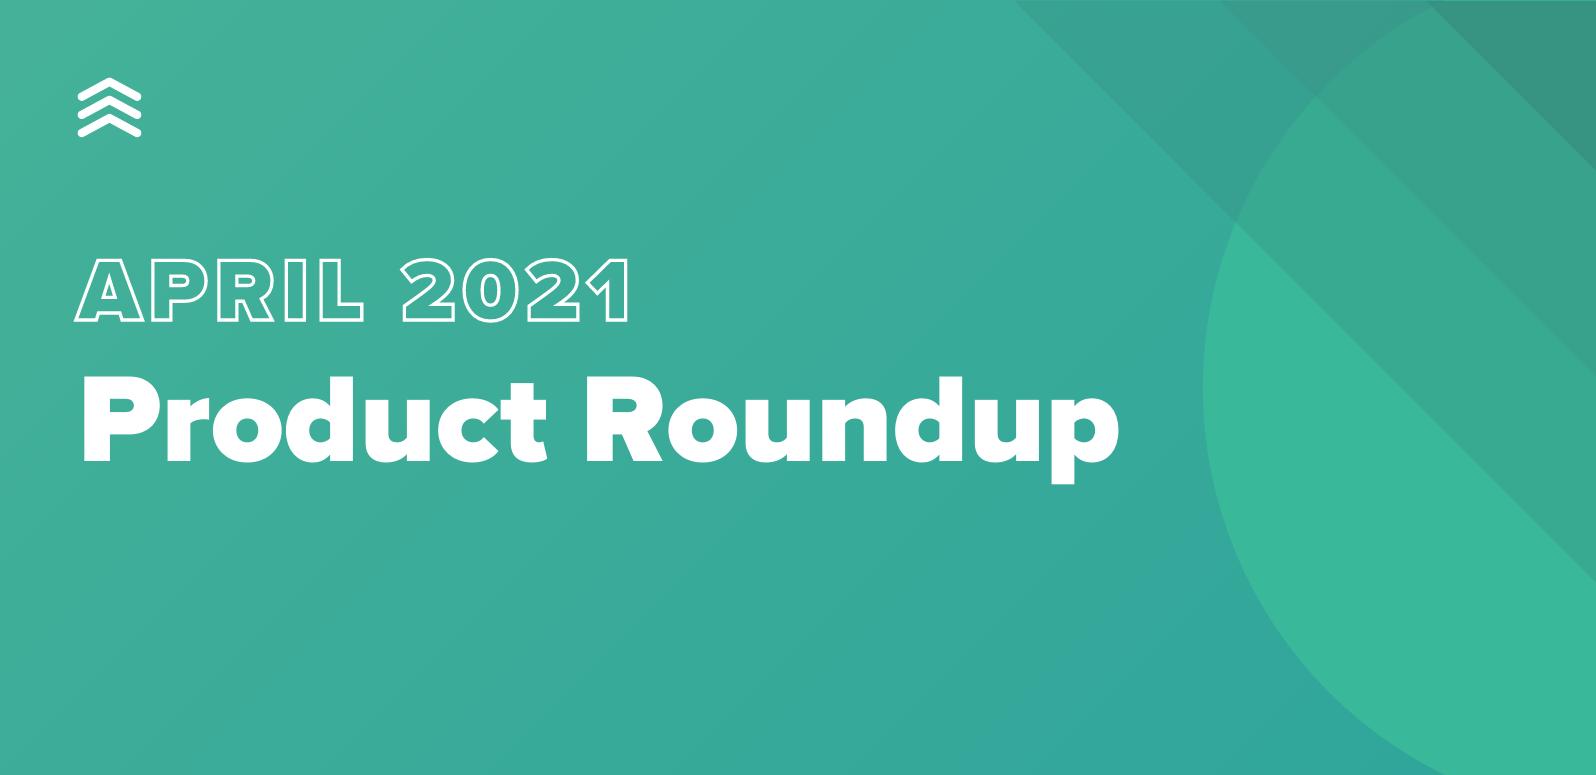 April 2021 Product Roundup